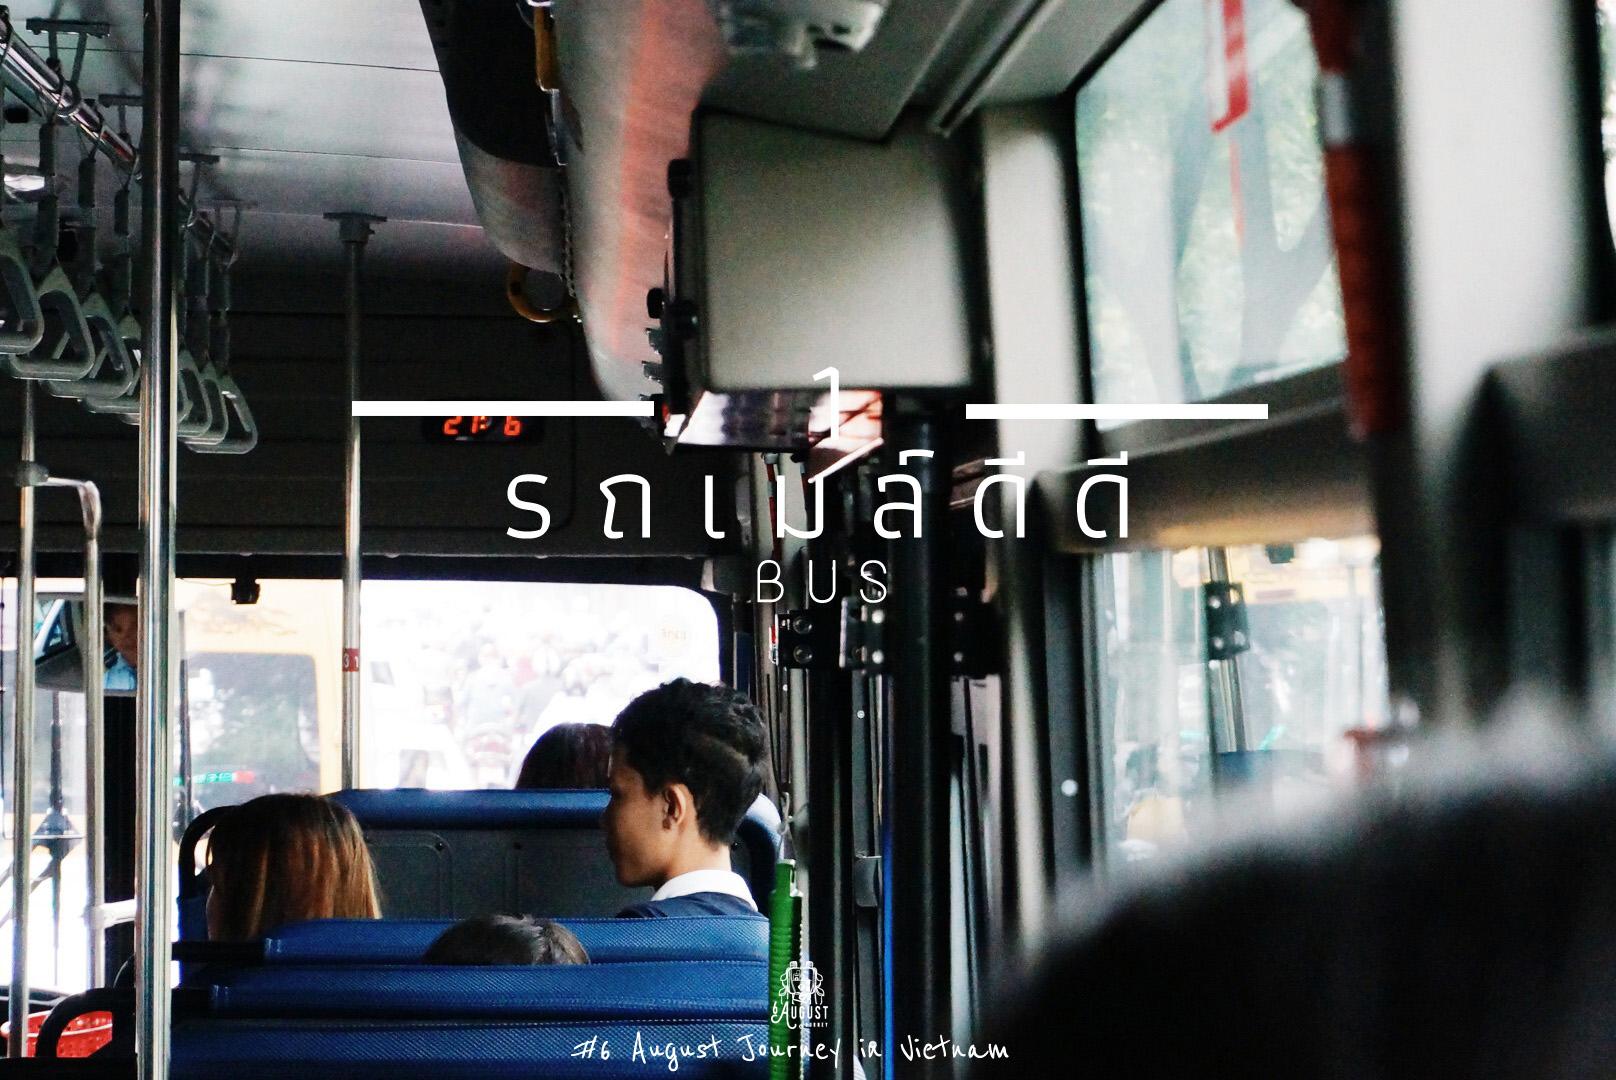 รถเมล์เวียดนาม